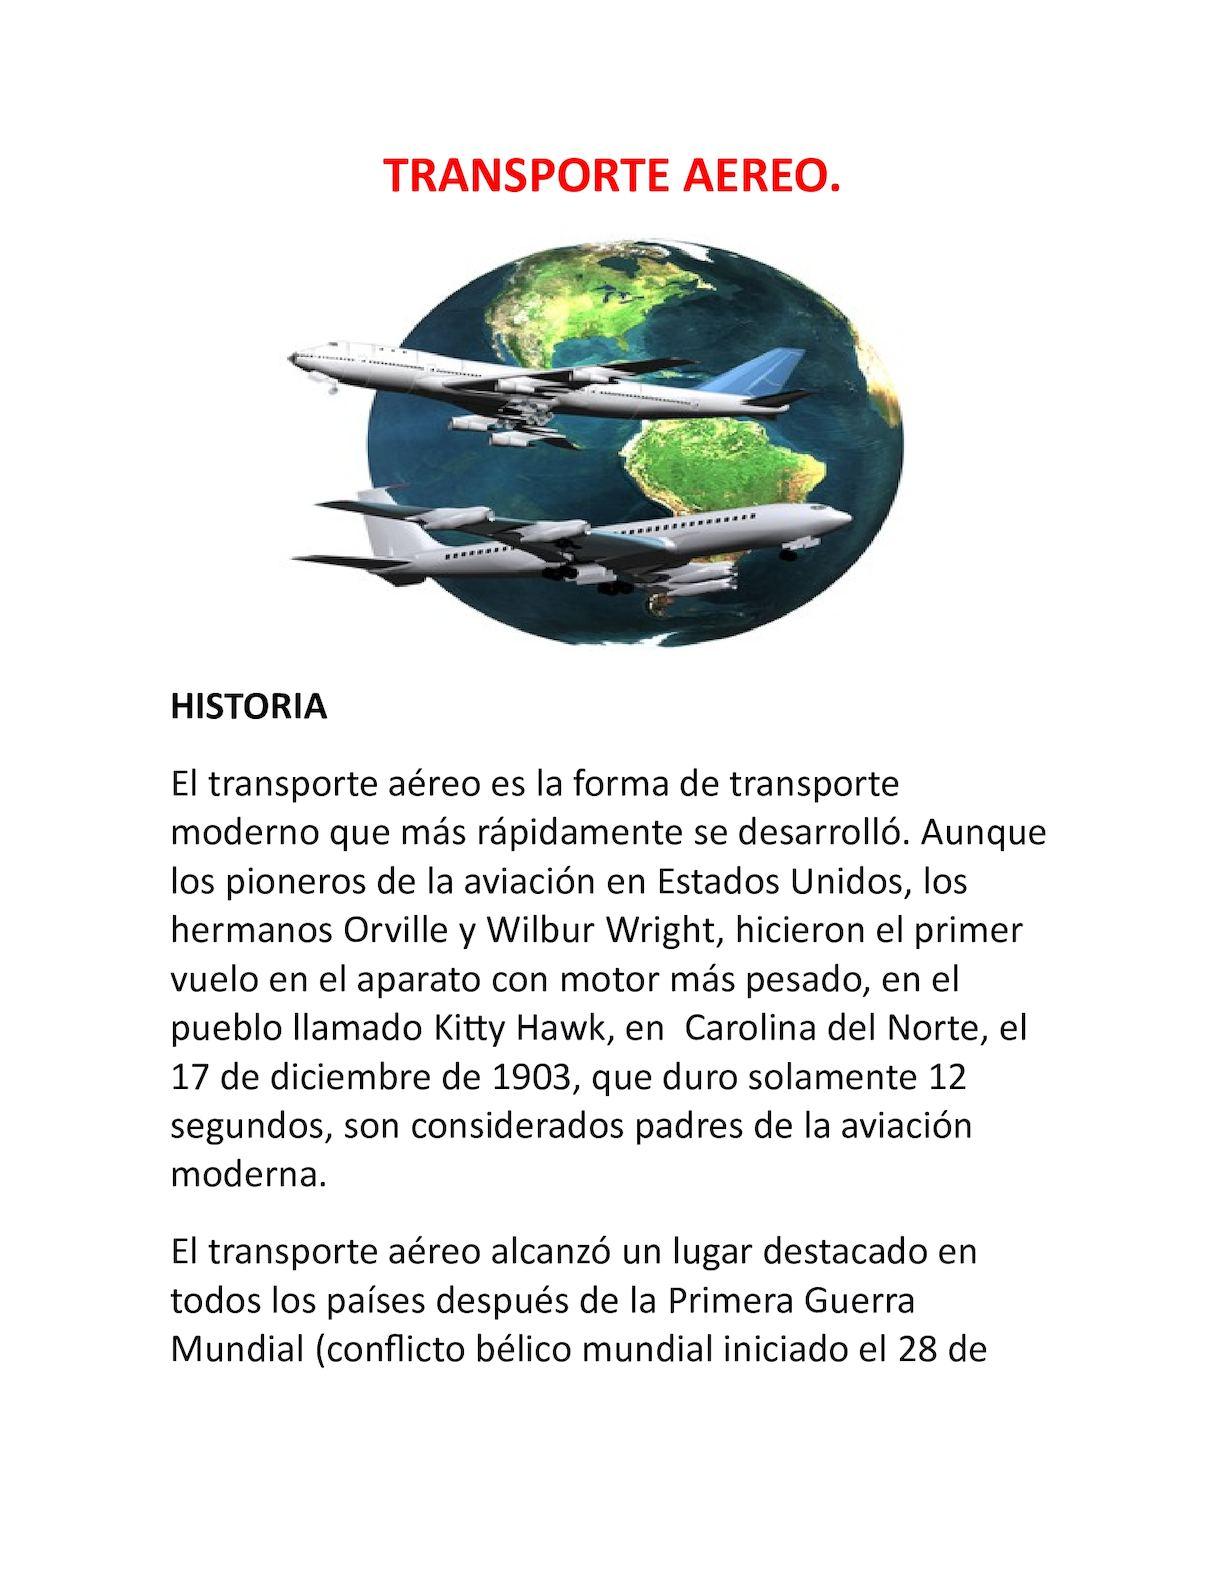 TRANSPORTE AÉREO, HISTORIA Y DEFINICION